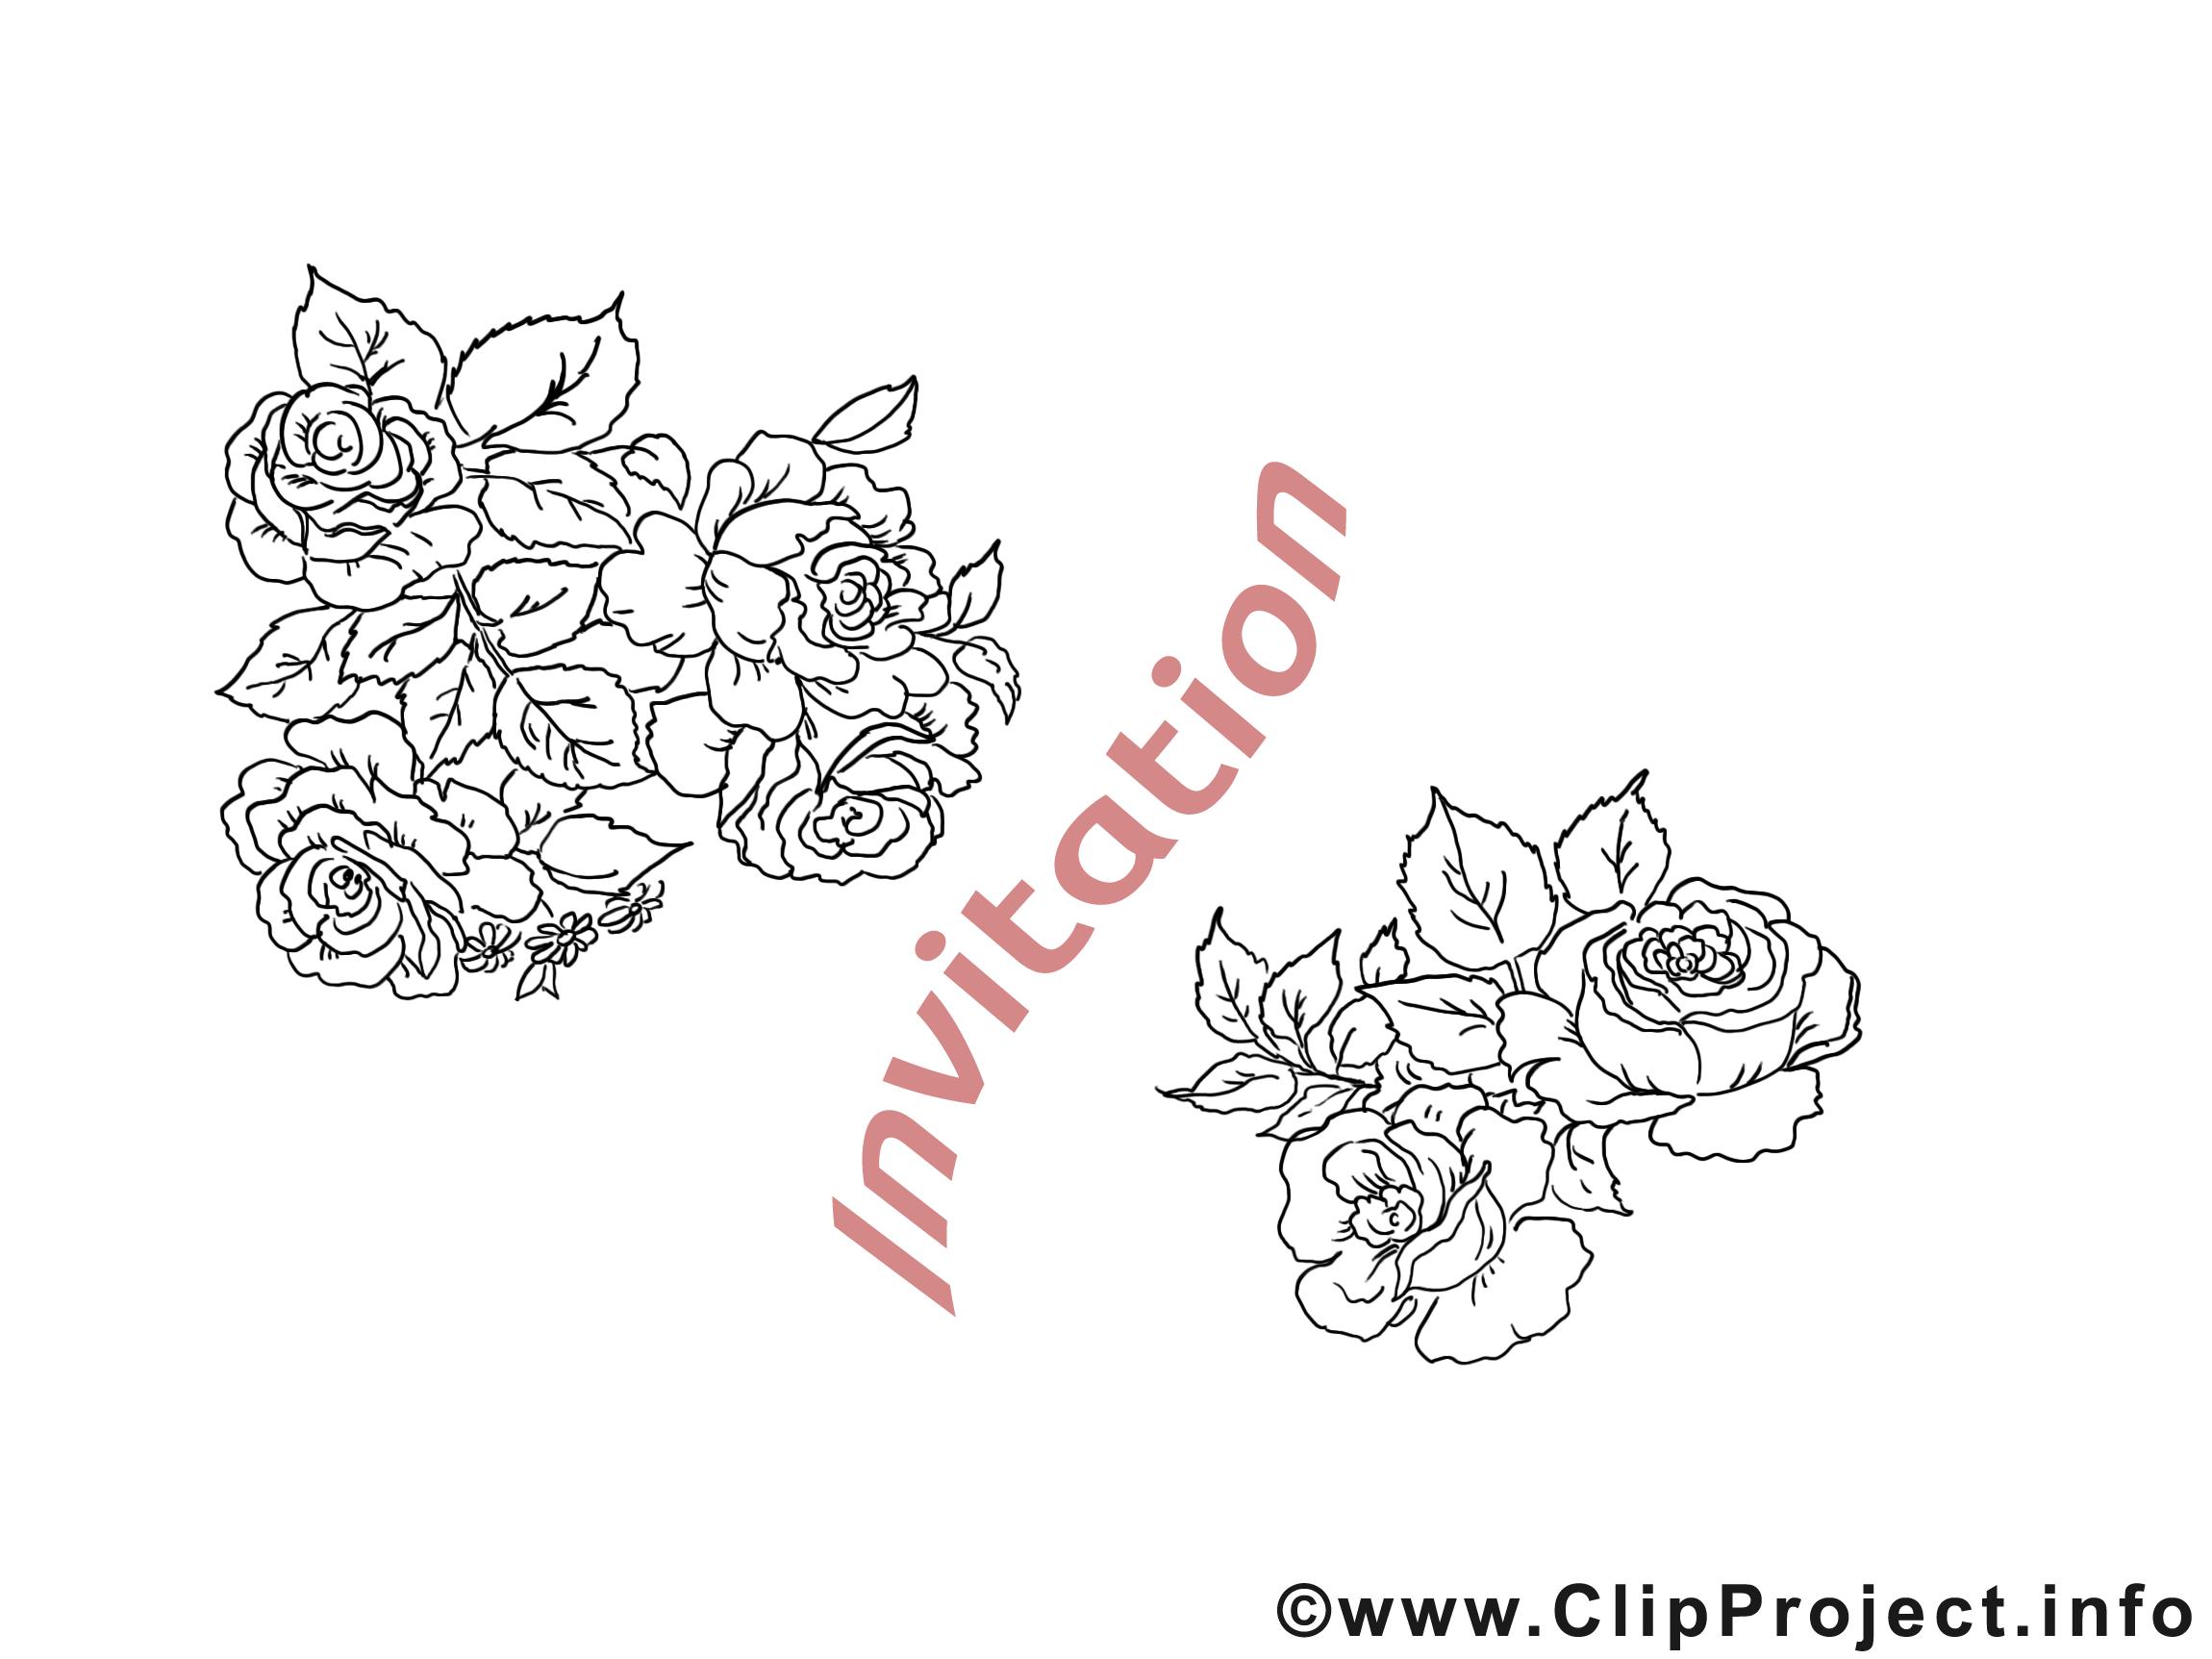 Roses invitation illustration à colorier gratuite